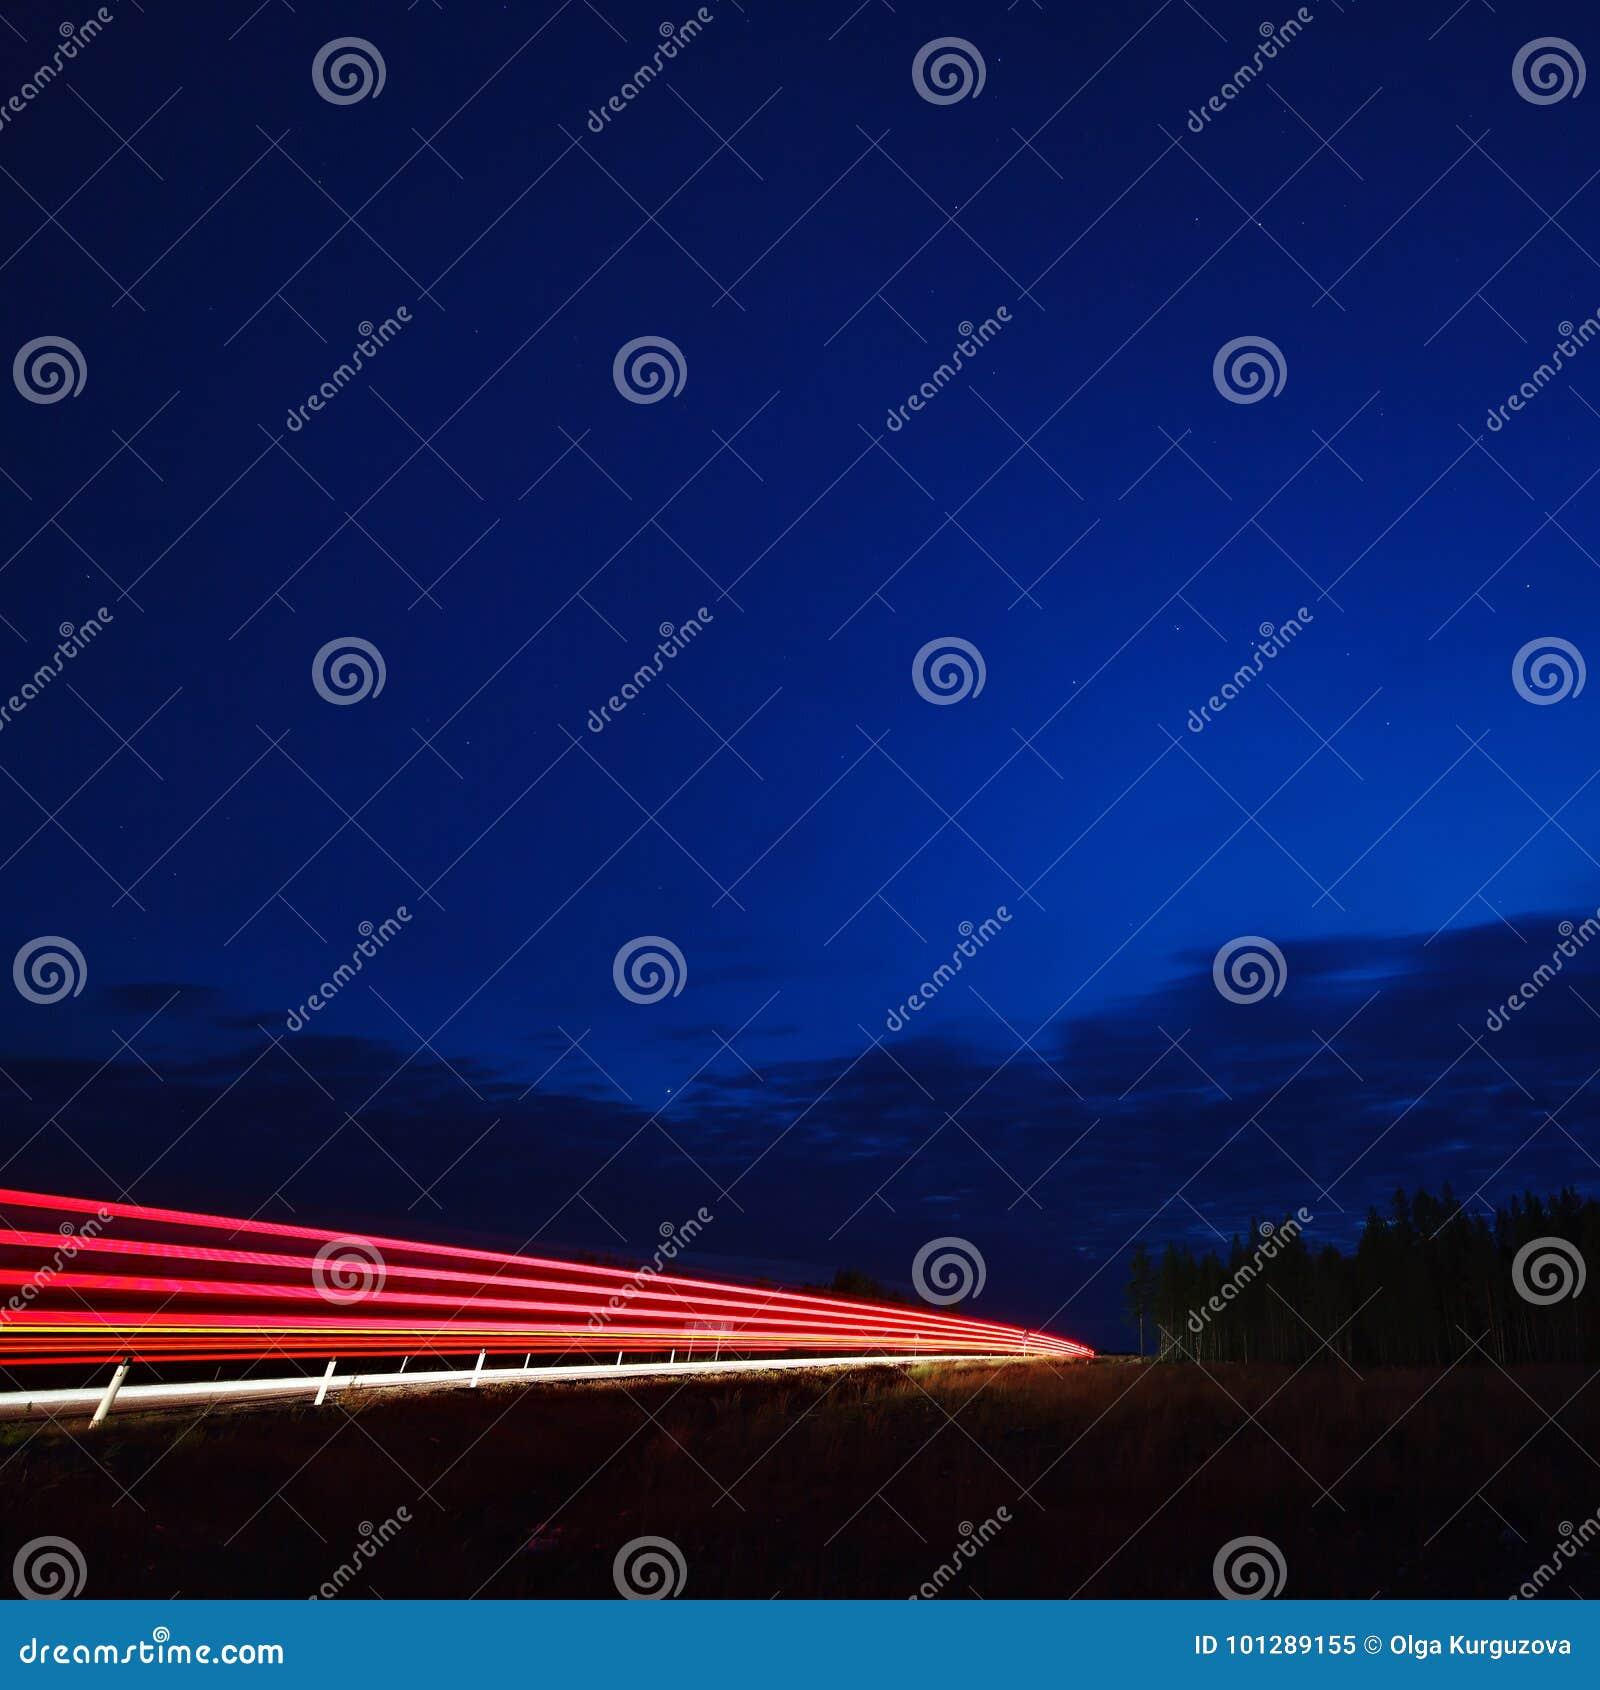 La luz de los coches en la carretera en el cielo estrellado de la noche